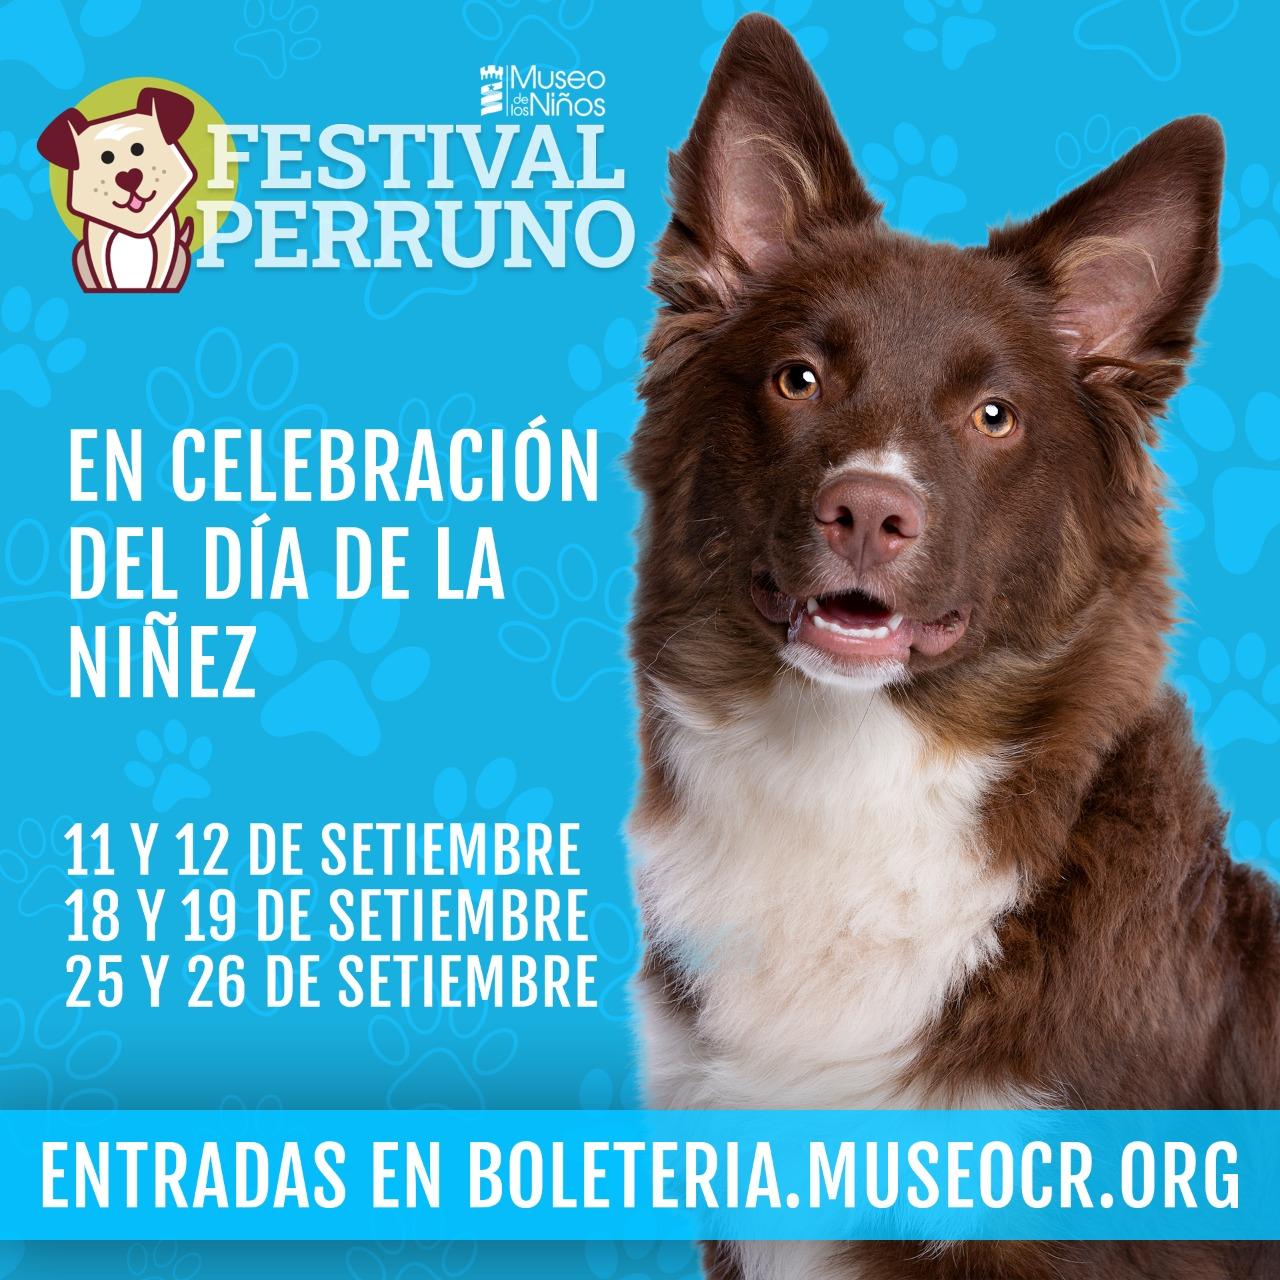 Imagen de Festival Perruno